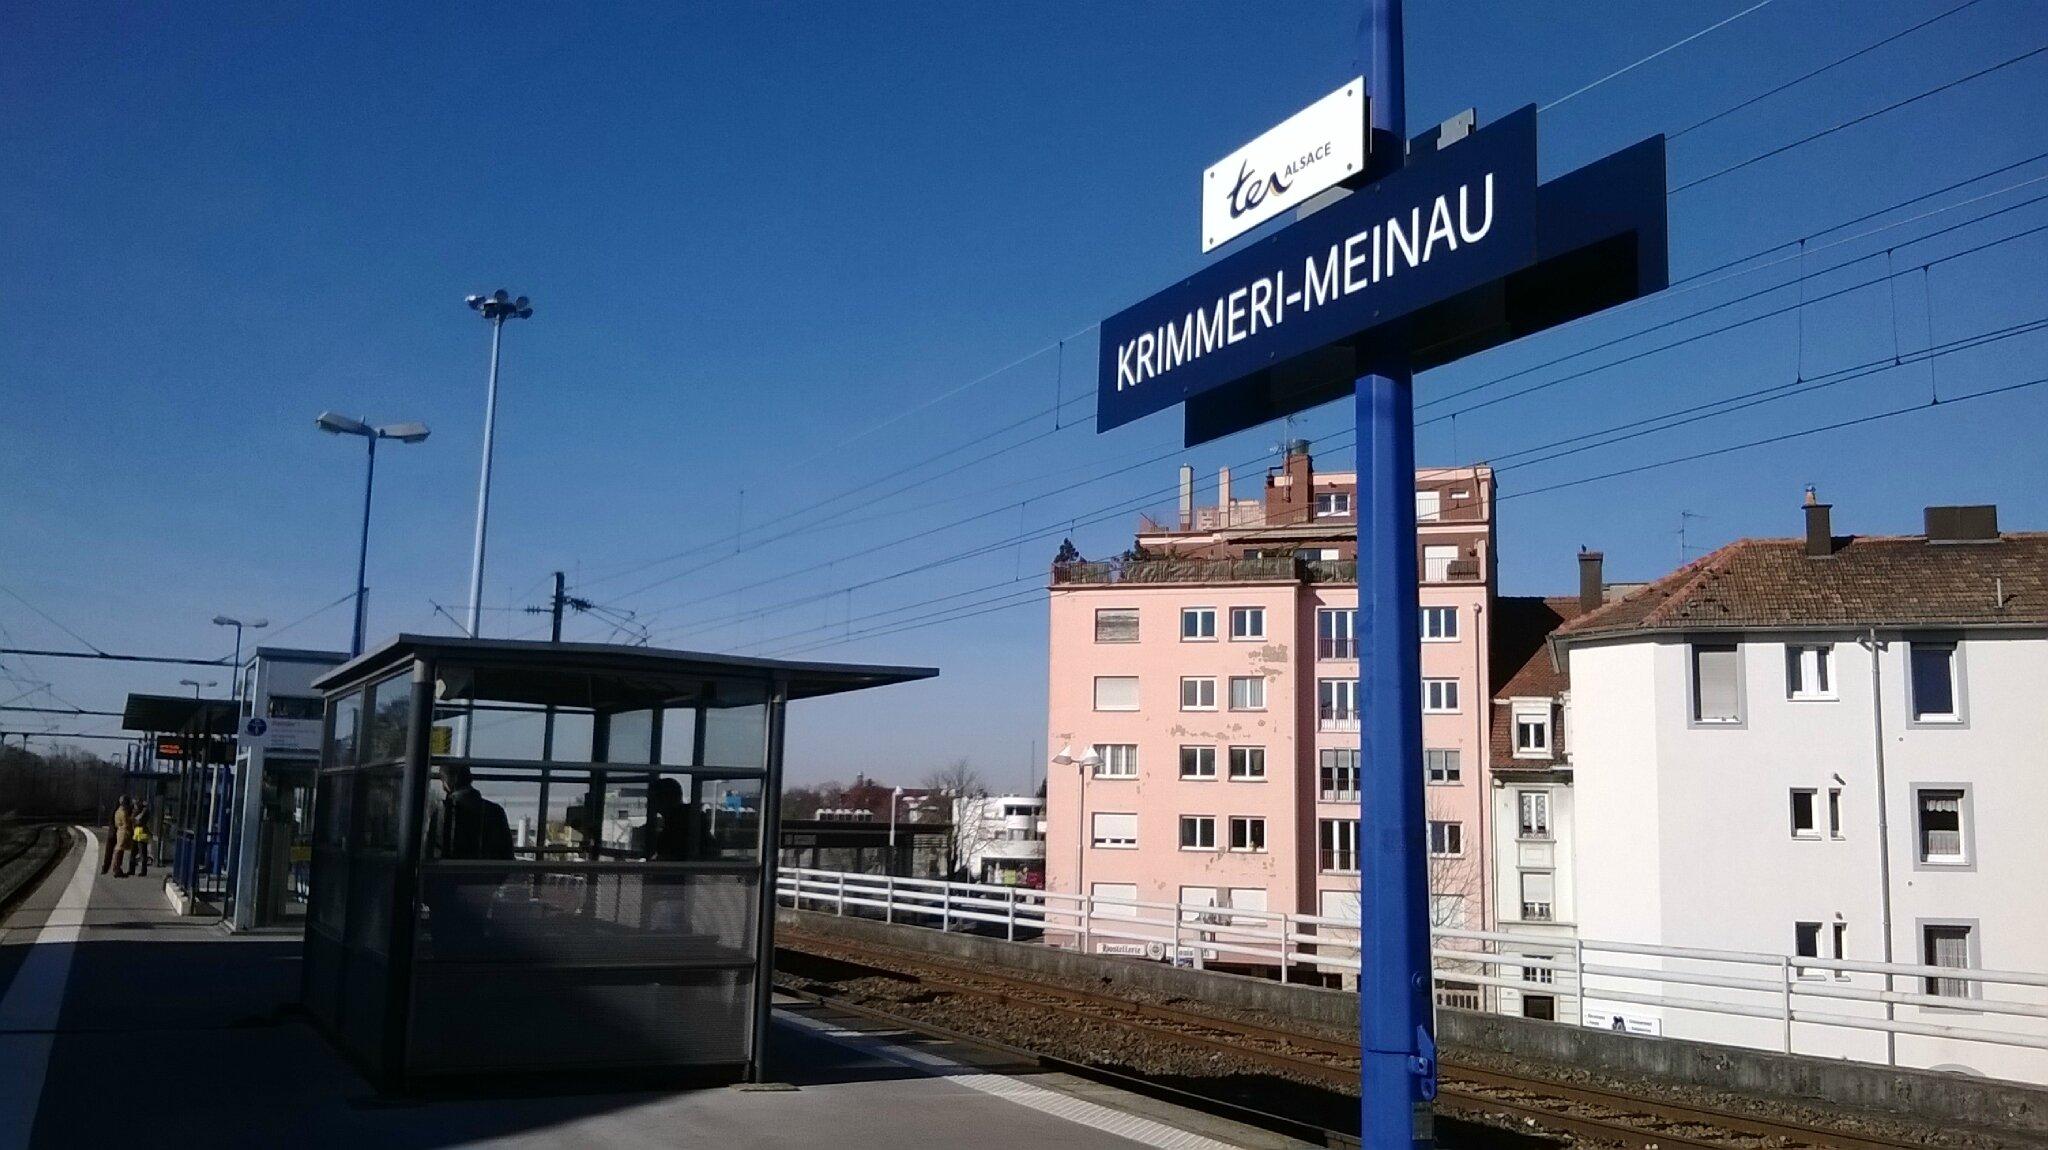 Krimmeri-Meinau (Bas-Rhin - 67) Quais